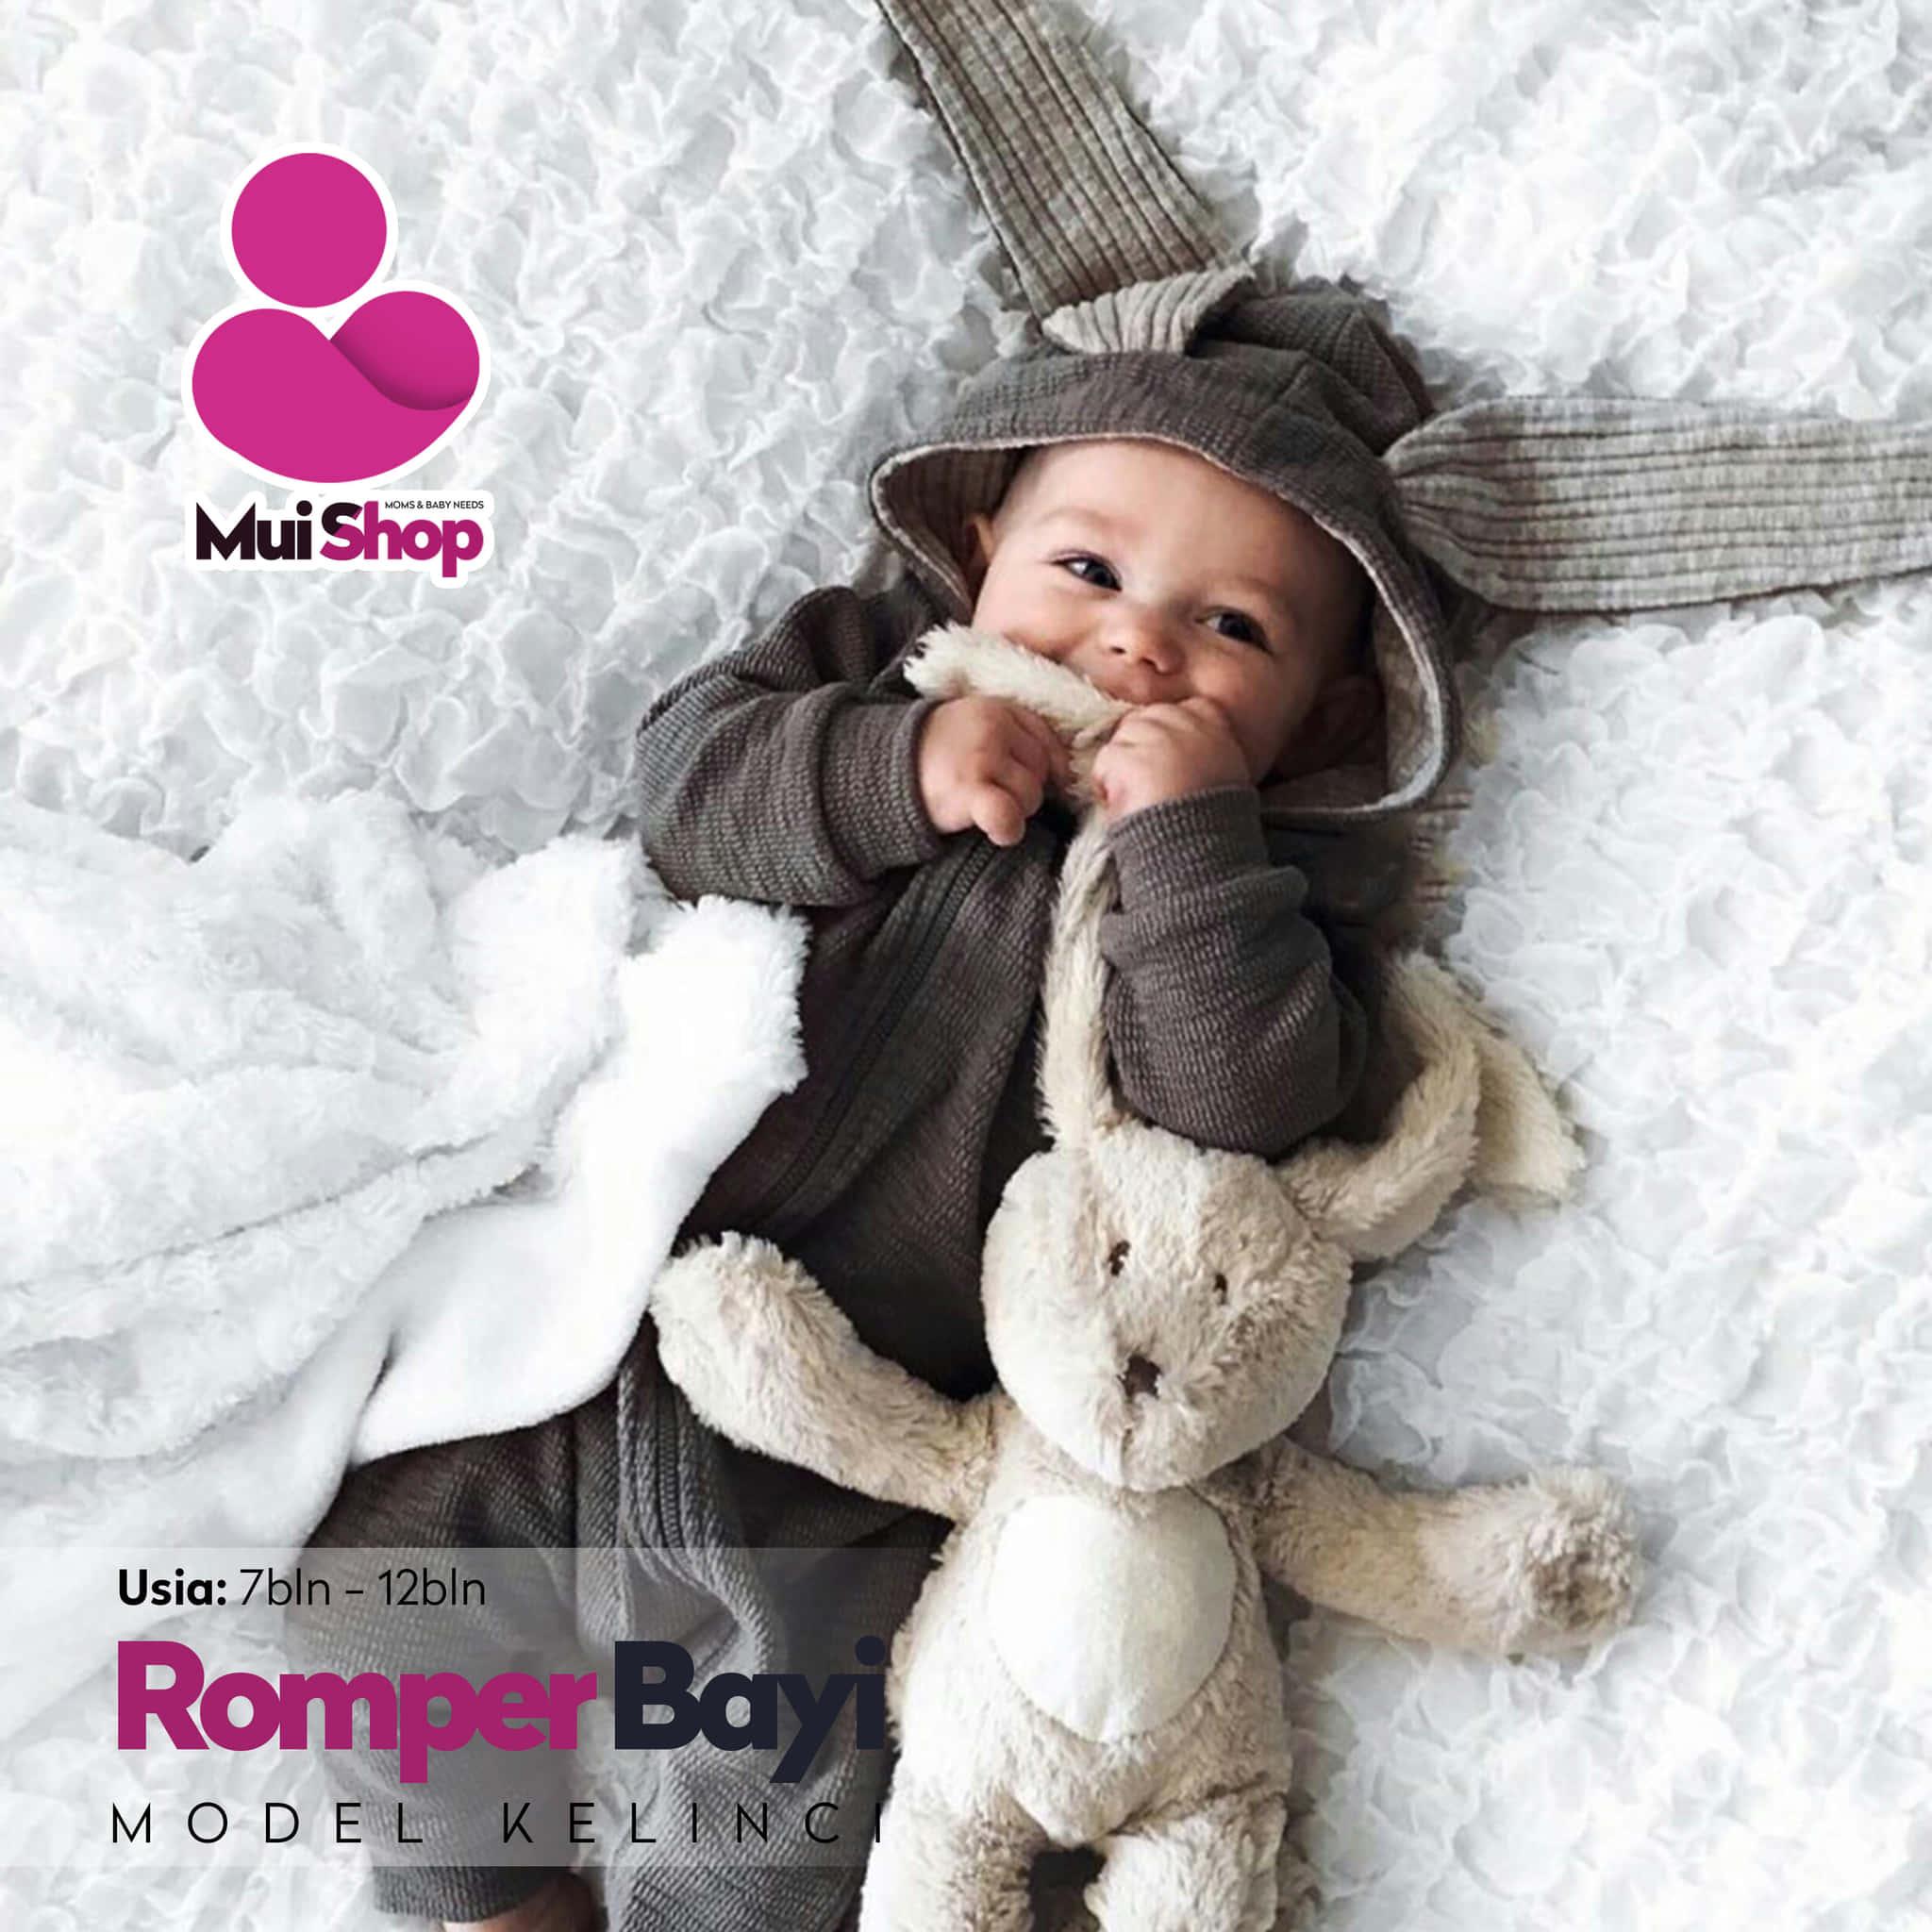 Jual Jumper Lucu Hangat Bayi Perempuan & Laki Laki Model Kelinci Mui Shop